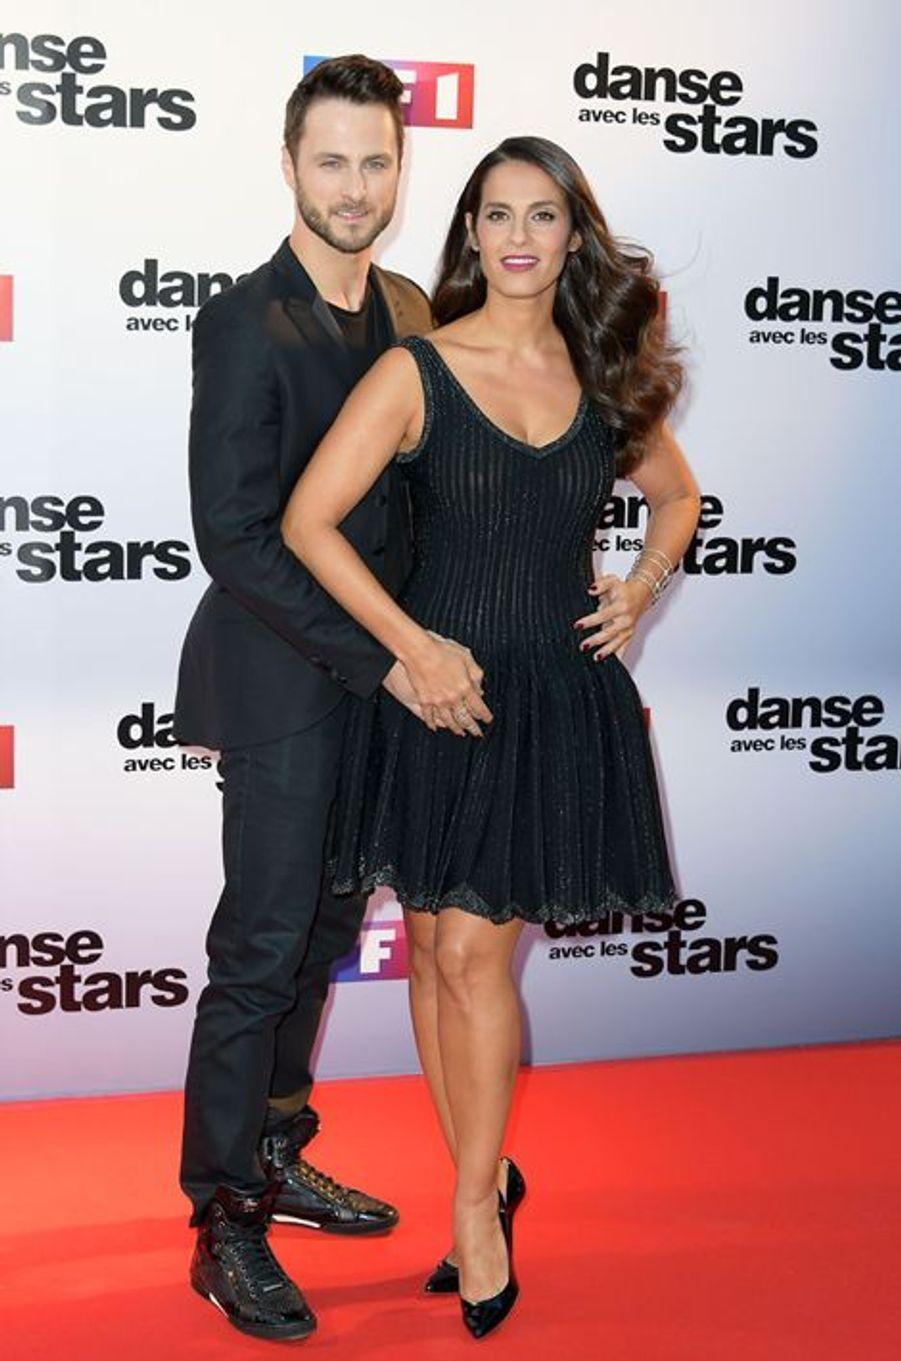 Danse avec les stars 5 : la chanteuse Elisa Tovati et son partenaire Christian Millette.